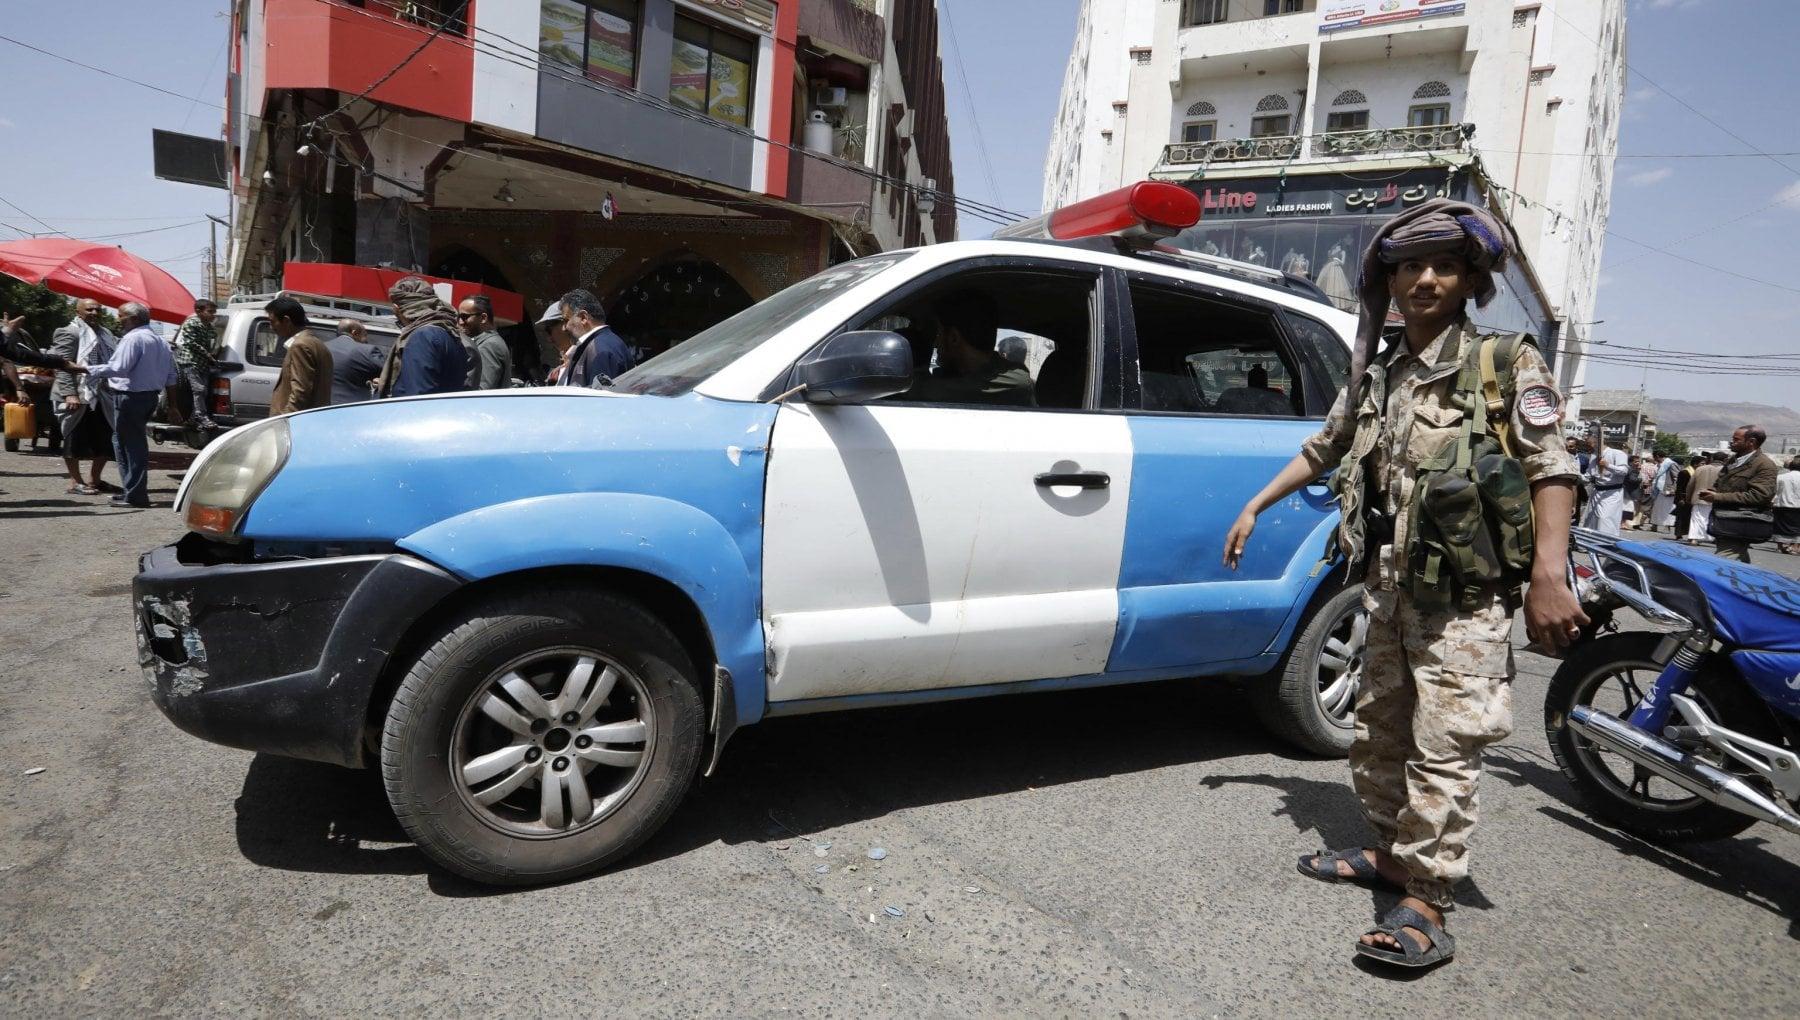 012549450 519ca4d1 2023 4e45 9cb4 86044166ff24 - Yemen: i ribelli chiedono un'indagine indipendente sulle morti civili in un attacco a una base militare